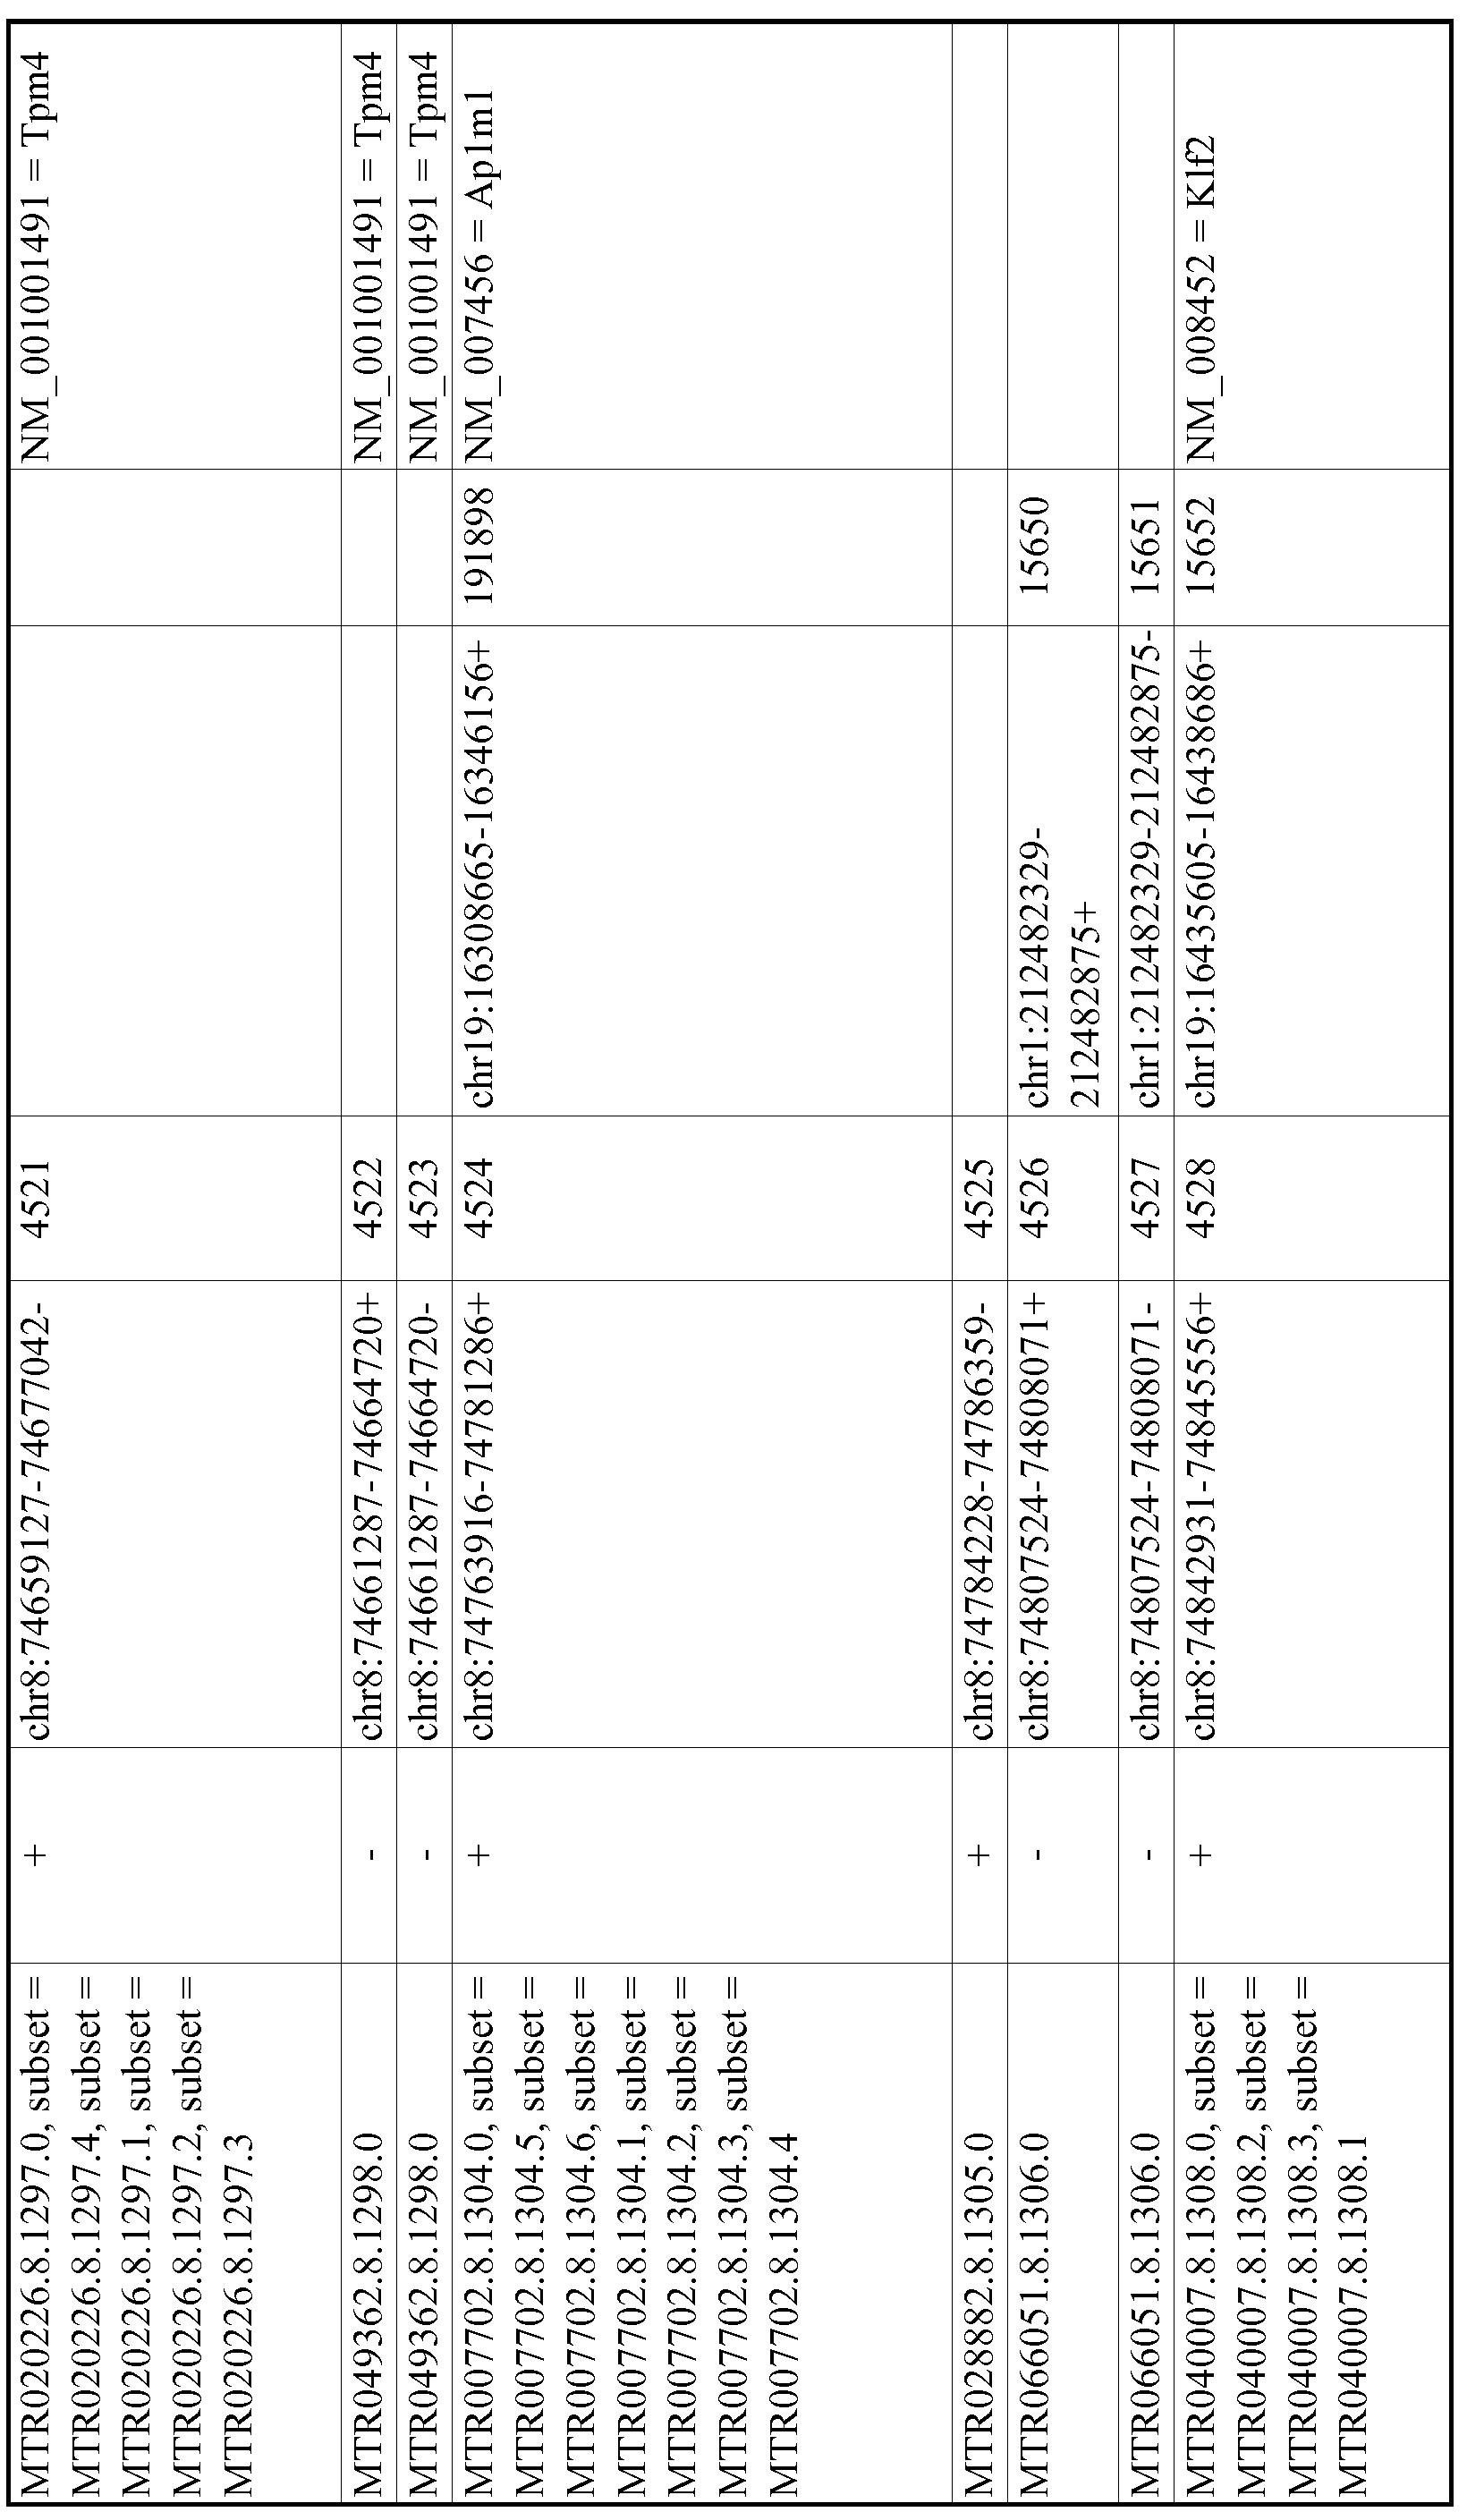 Figure imgf000841_0001